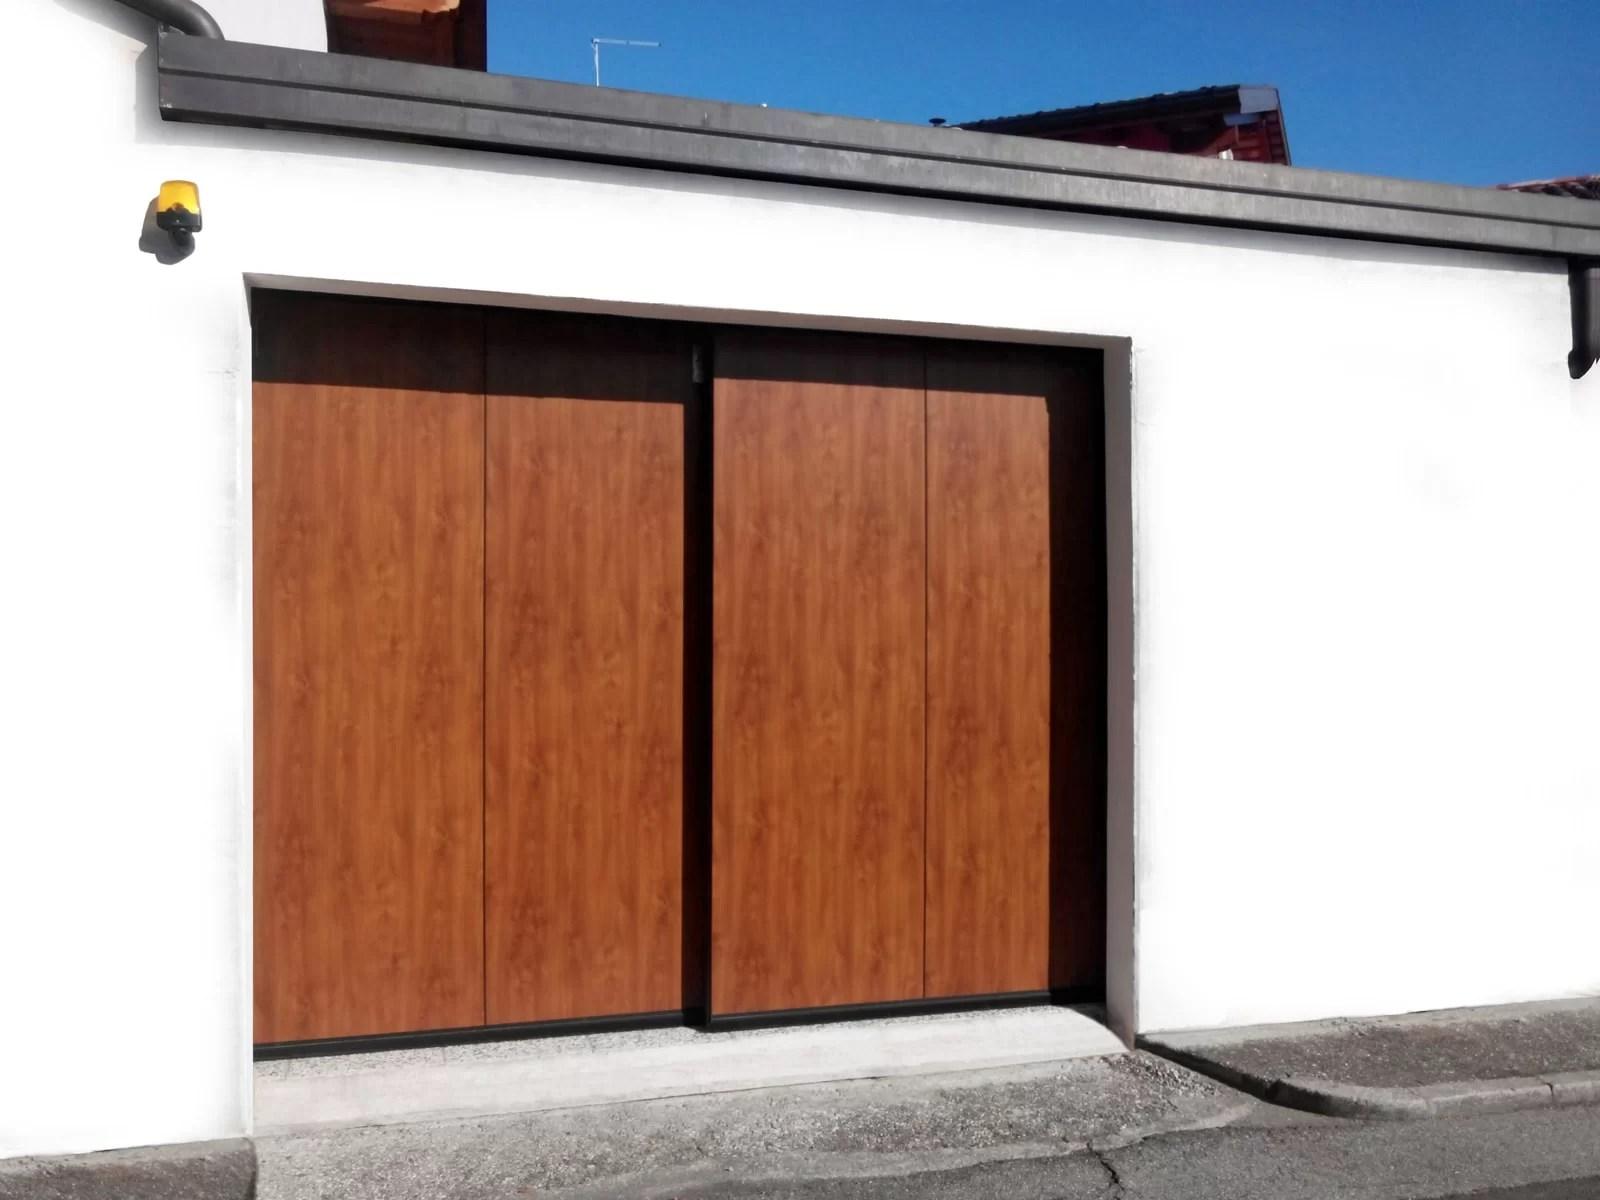 Portone scorrevole industriale ATLANTE - Simil legno